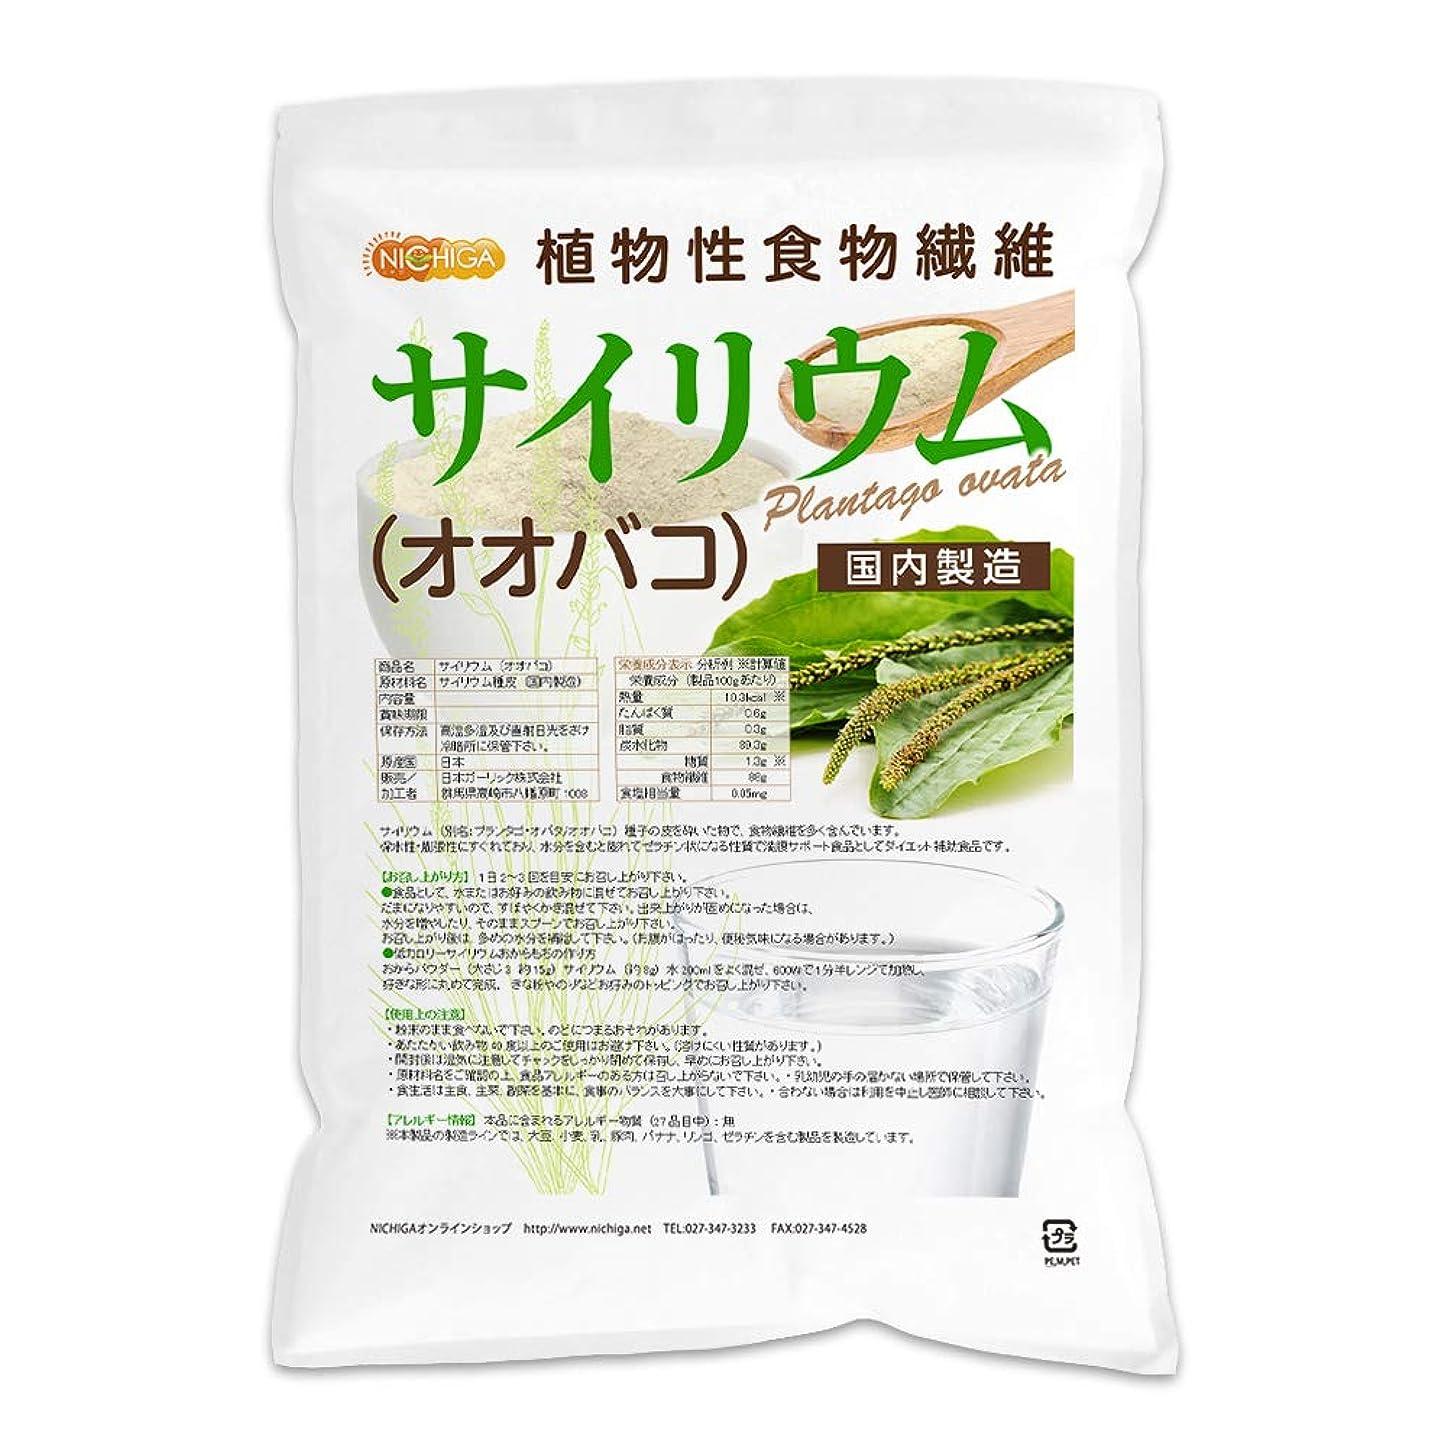 スカイ建物飢サイリウム(オオバコ) 3kg 国内製造 植物性食物繊維 Plantago ovata [02] NICHIGA(ニチガ)